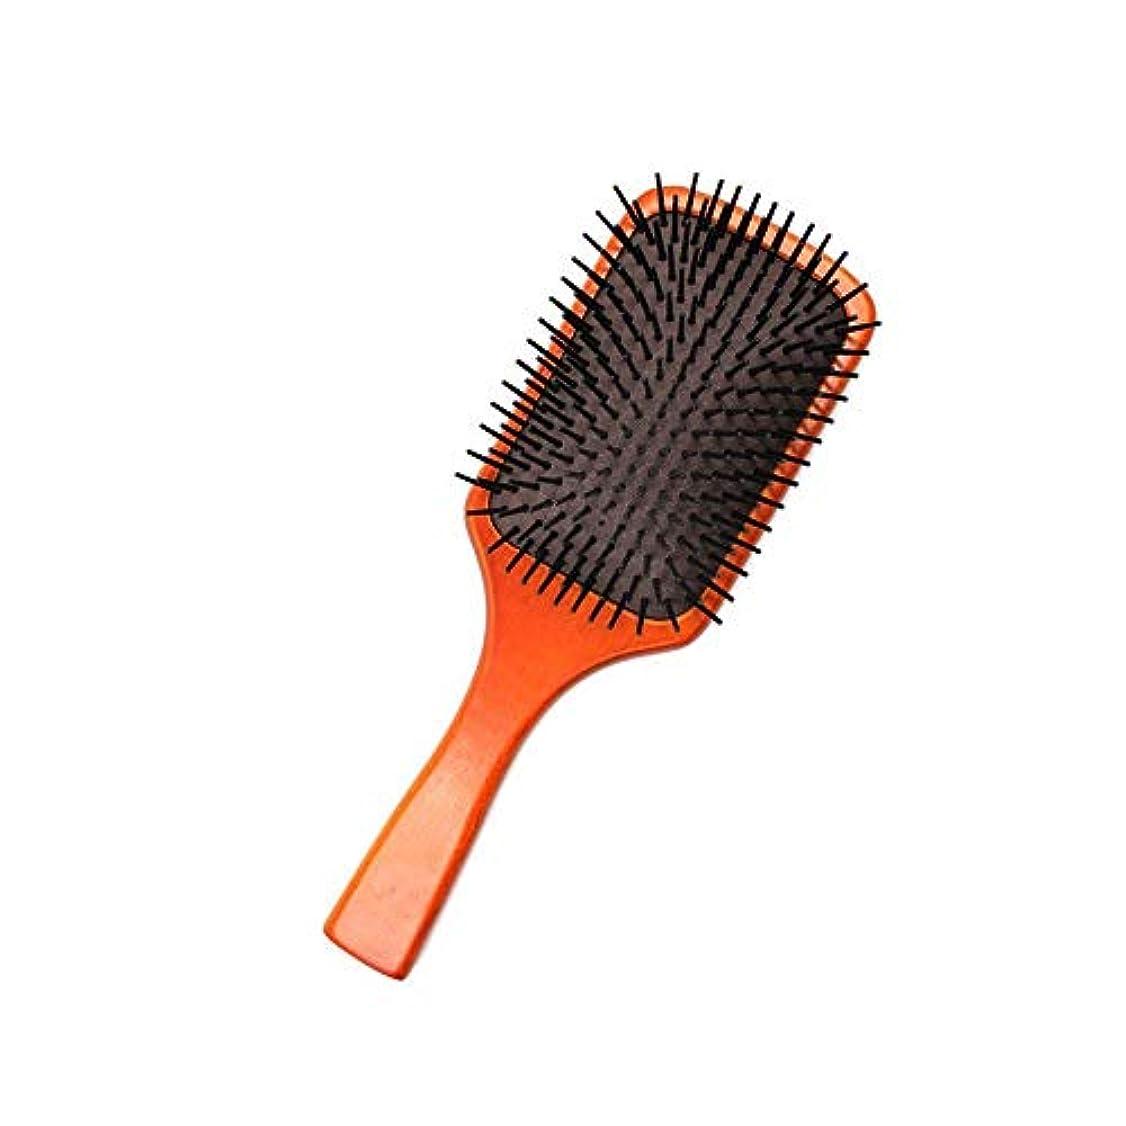 効果的に水差しダウンタウンZYDP 帯電防止木の毛のブラシのマッサージの櫛のブラシ (色 : Photo color)